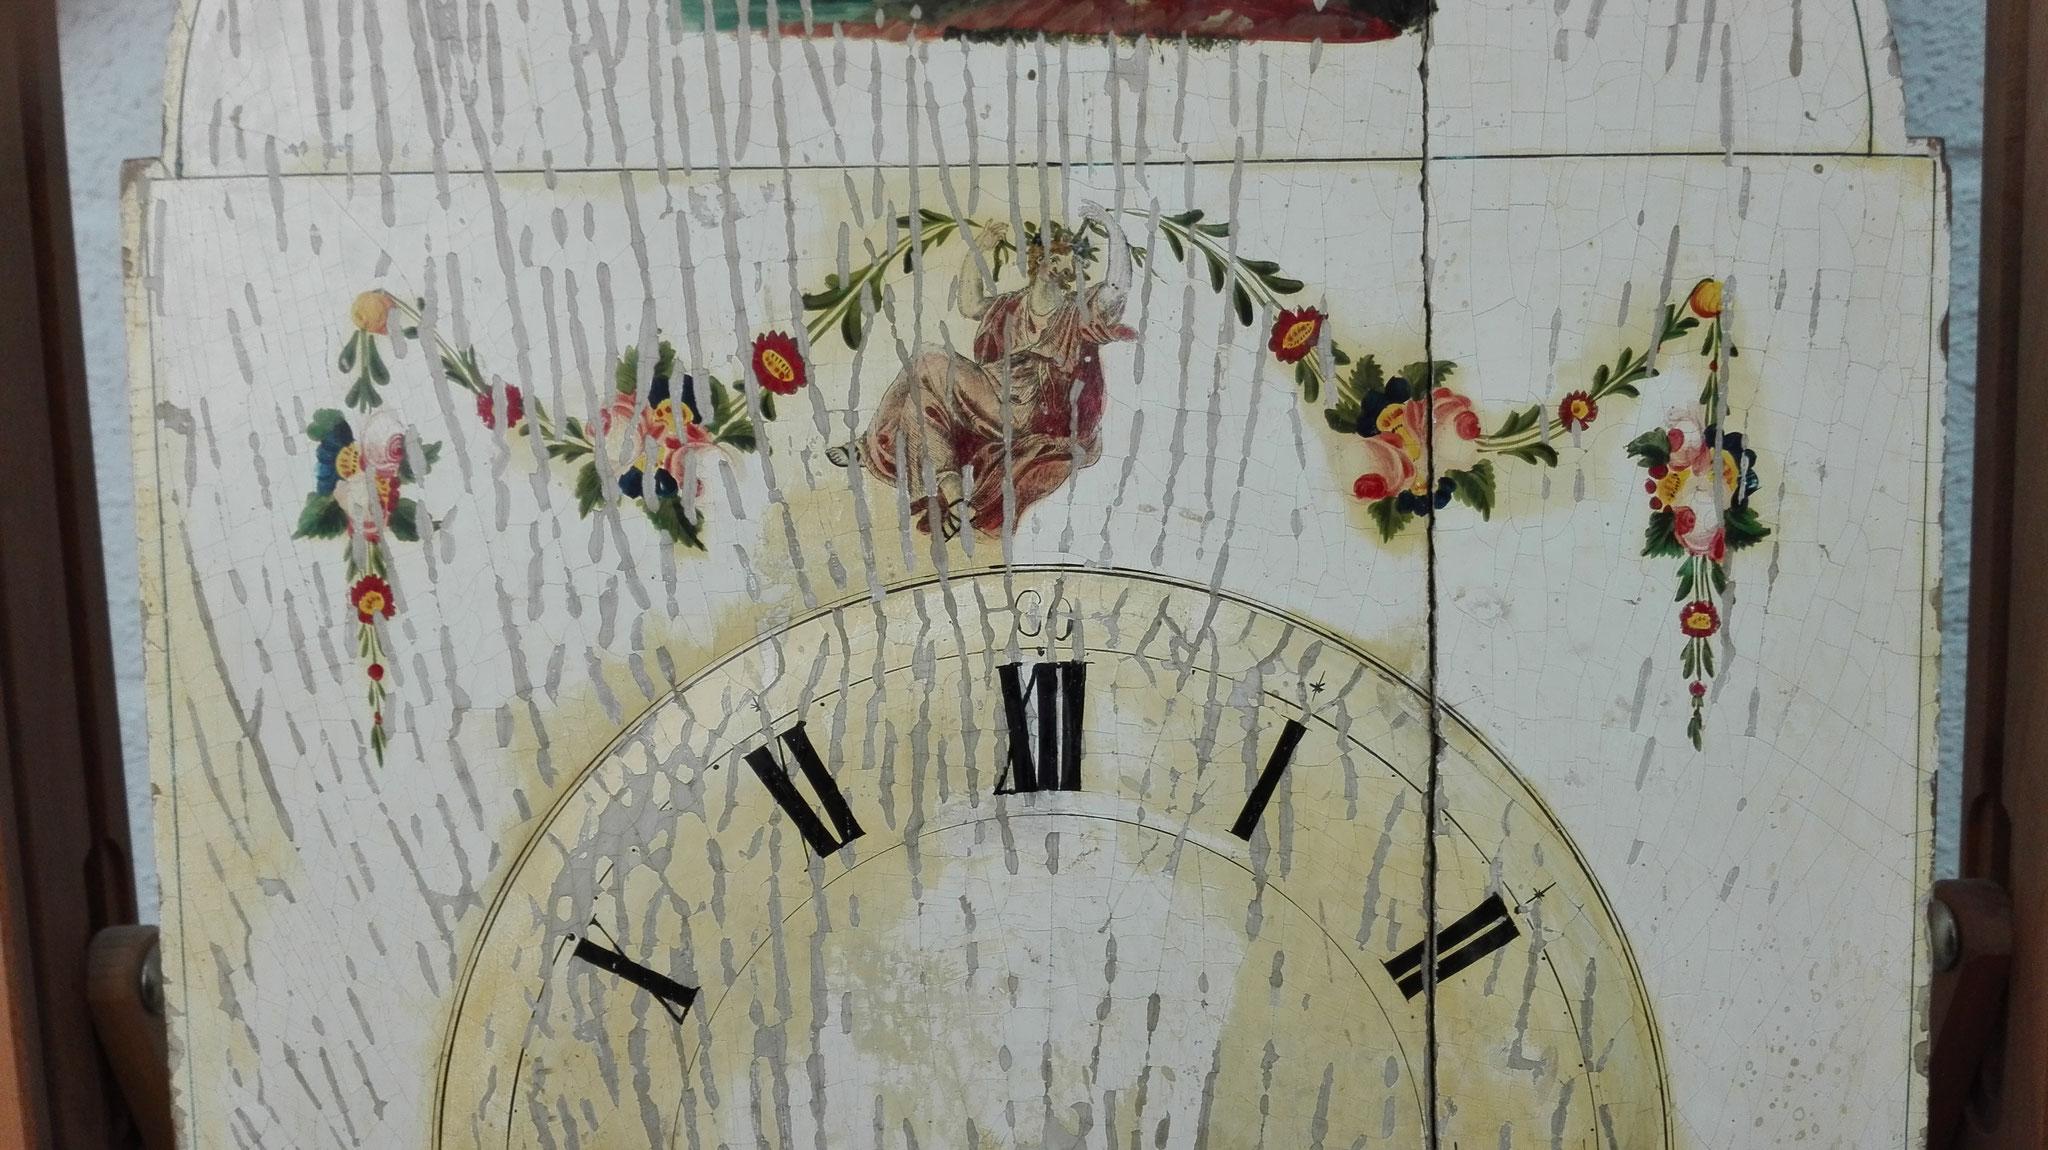 Esfera de reloj alemán. Pintura sobre tabla.  Limpieza. Eliminación de barniz oxidado y repintes.